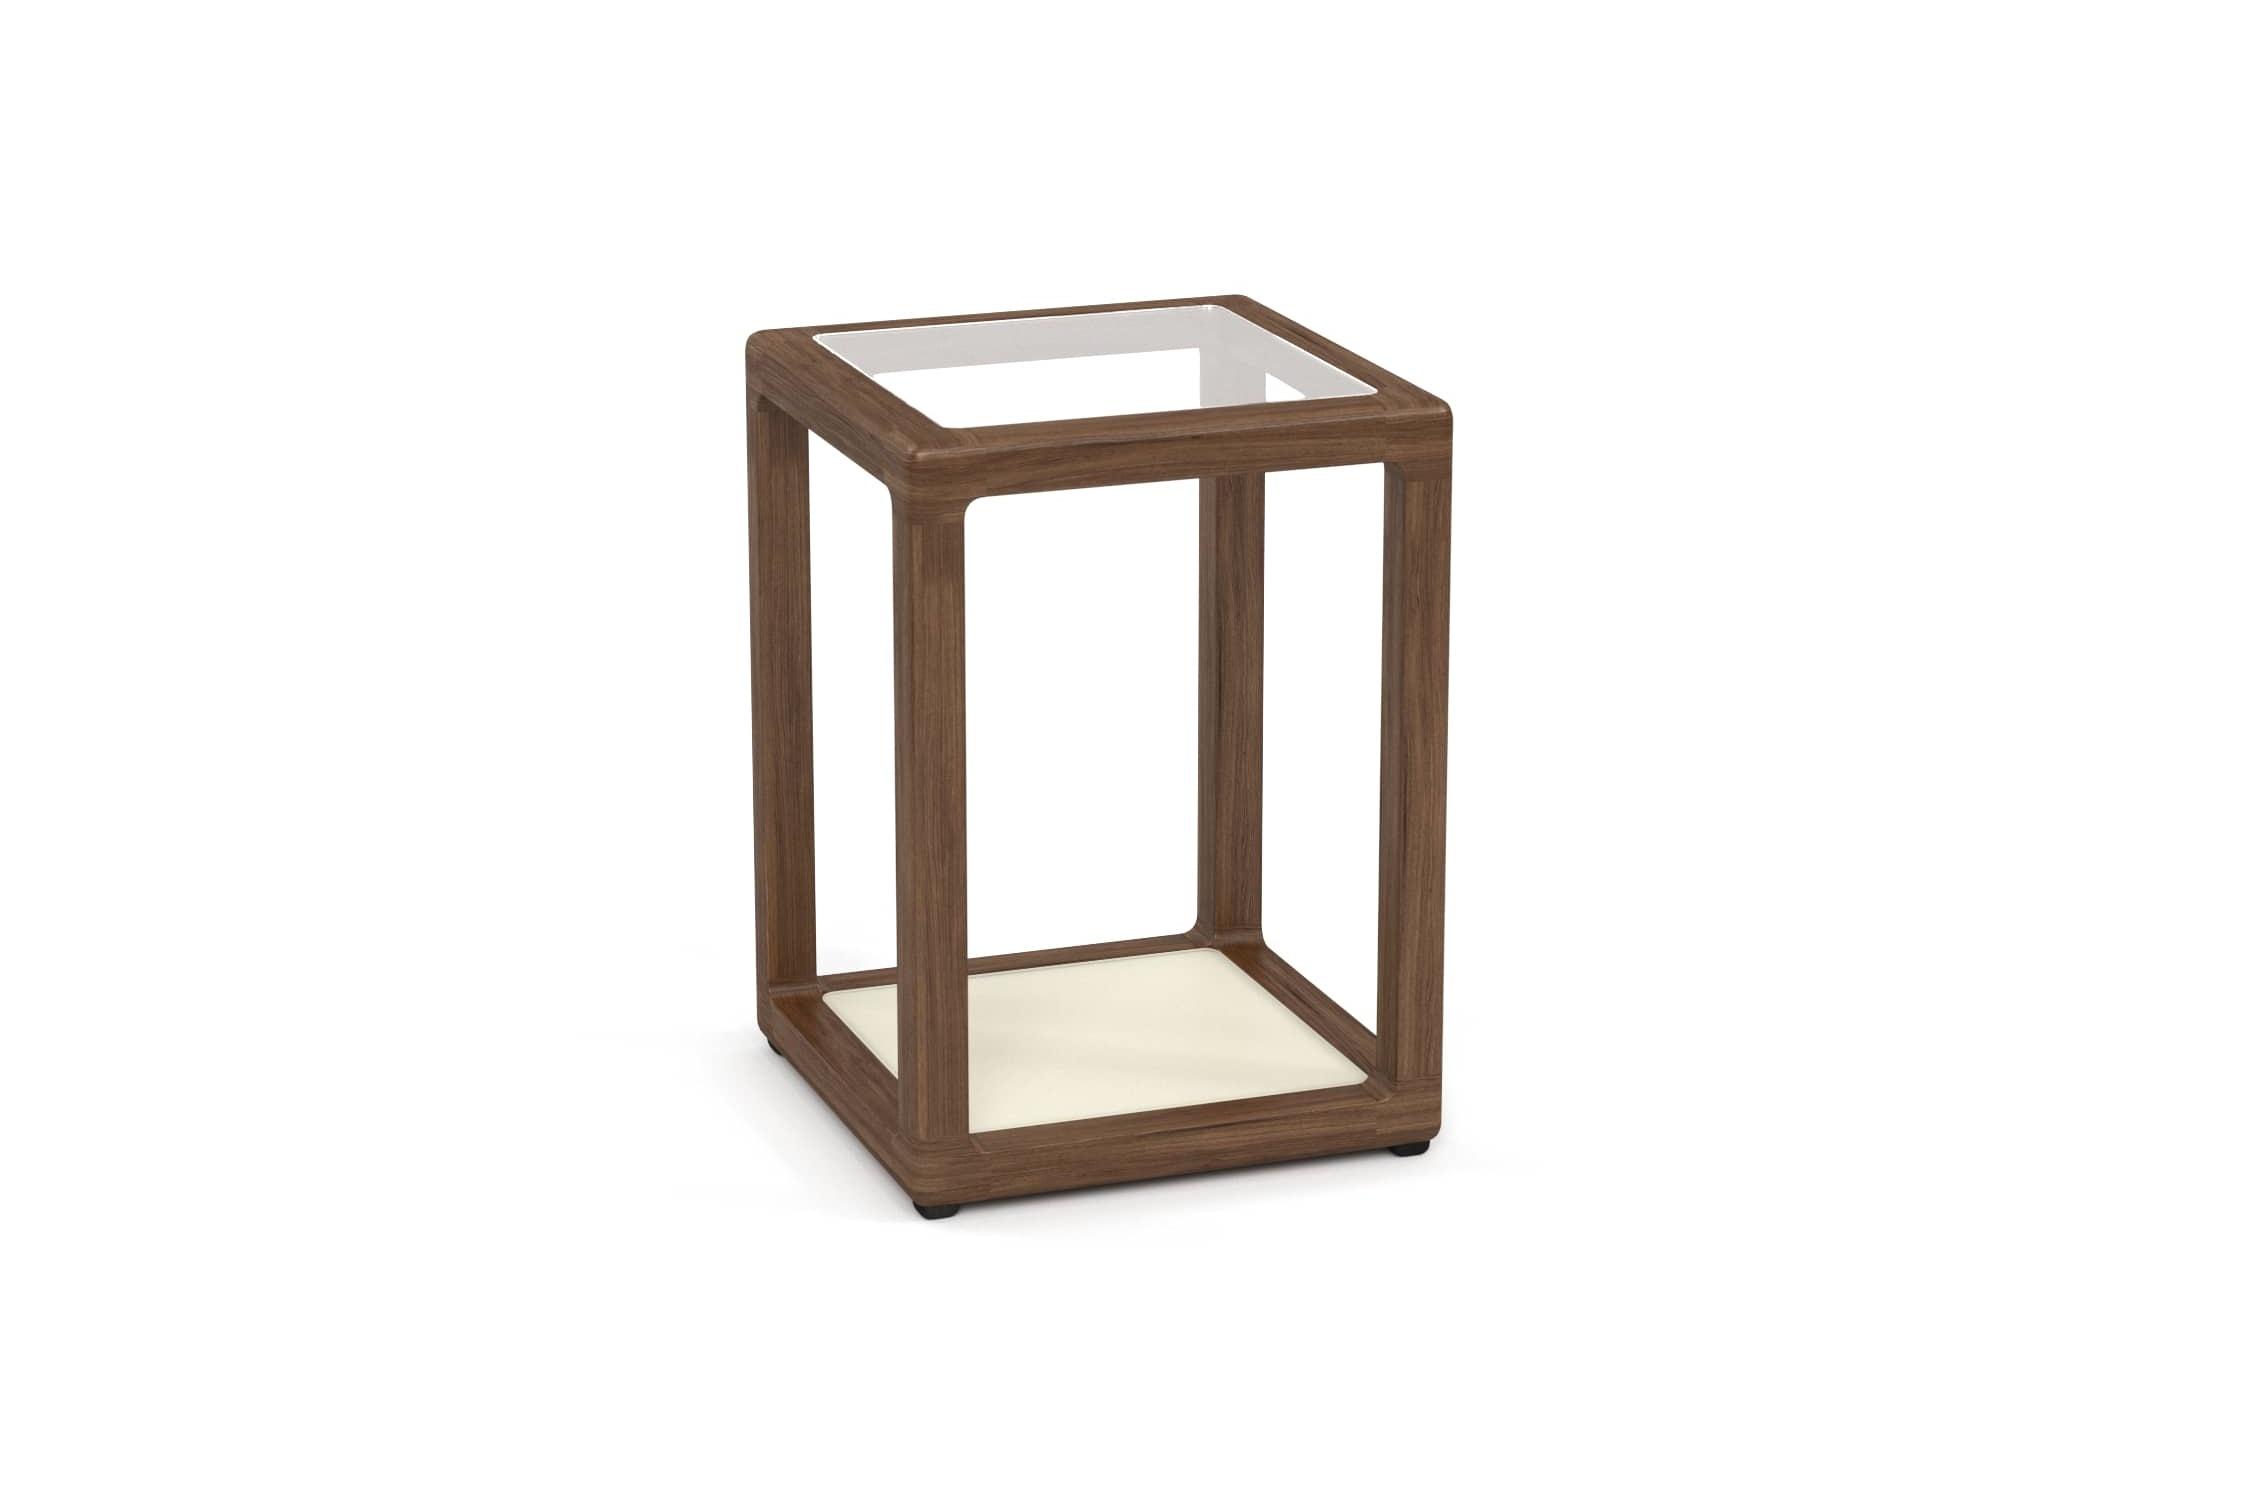 Столик придиванный SeagullСтолы и столики для сада<br>&amp;lt;div&amp;gt;Коллекция SEAGULL – воплощение природной простоты и естественного совершенства. Мебель привлекает тёплыми тонами, уникальностью материала и идеальными пропорциями. Стеклянные столешницы обеденных и журнальных столов по цвету гармонируют с тканью подушек, удобные диваны и «утопающие» кресла дарят ощущения спокойствия и комфорта.&amp;amp;nbsp;&amp;lt;/div&amp;gt;&amp;lt;div&amp;gt;&amp;lt;br&amp;gt;&amp;lt;/div&amp;gt;&amp;lt;div&amp;gt;Термоясень (ясень термообработанный) обладает высокими эксплуатационными характеристиками. Имеет ярко выраженную красивую текстуру и благородный аромат. Это исключительно долговечный, недеформируемый под воздействием атмосферных явлений и экологически чистый материал. В результате термообработки – длительного переменного воздействия пара и высоких температур – в структуре древесины происходят изменения на молекулярном уровне, и ясень приобретает наиболее важные для уличной мебели свойства – водостойкость, стабильность размеров, абсолютную устойчивость к биологическим поражениям. Срок службы – 10-15 лет.&amp;amp;nbsp;&amp;lt;/div&amp;gt;&amp;lt;div&amp;gt;&amp;lt;br&amp;gt;&amp;lt;/div&amp;gt;&amp;lt;div&amp;gt;Вся фурнитура изготовлена из нержавеющей стали на собственном производстве.&amp;amp;nbsp;&amp;lt;/div&amp;gt;&amp;lt;div&amp;gt;&amp;lt;br&amp;gt;&amp;lt;/div&amp;gt;<br><br>&amp;lt;iframe width=&amp;quot;530&amp;quot; height=&amp;quot;300&amp;quot; src=&amp;quot;https://www.youtube.com/embed/uL9Kujh07kc&amp;quot; frameborder=&amp;quot;0&amp;quot; allowfullscreen=&amp;quot;&amp;quot;&amp;gt;&amp;lt;/iframe&amp;gt;<br><br>Material: Ясень<br>Ширина см: 40.0<br>Глубина см: 40.0